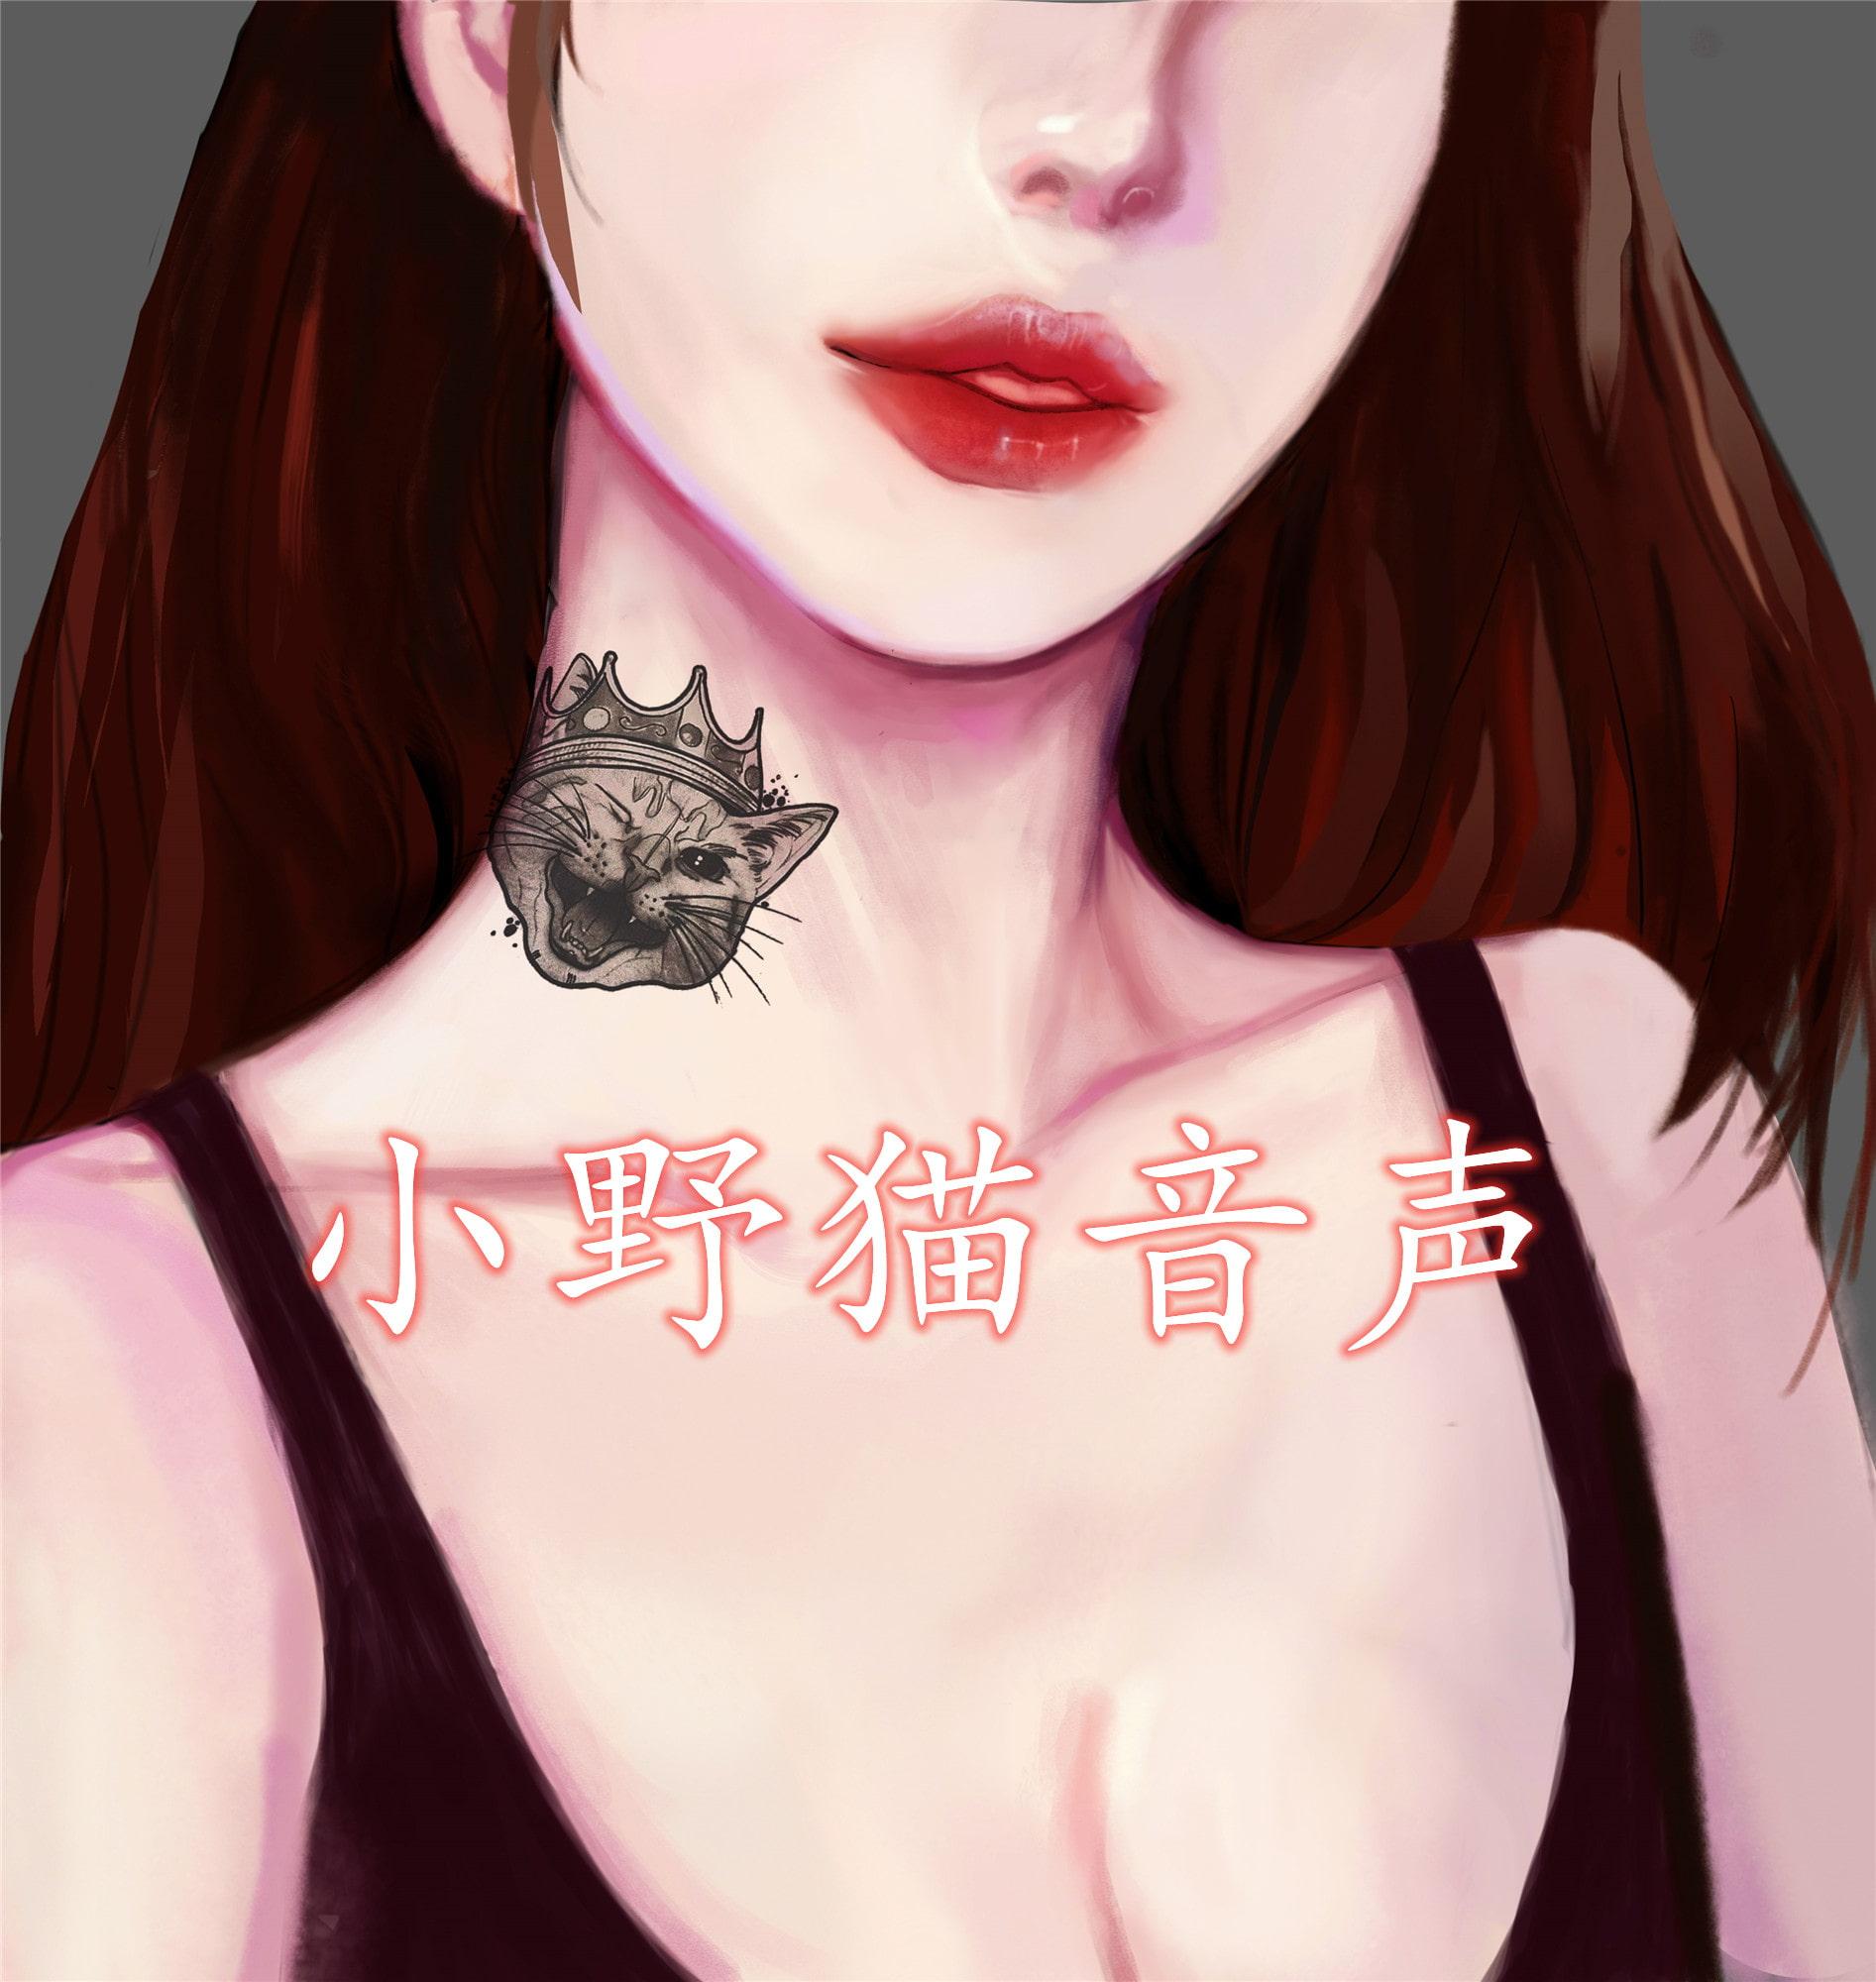 RJ344764 小野猫音声 犬化暗示调教 CV青梅 [20210925]